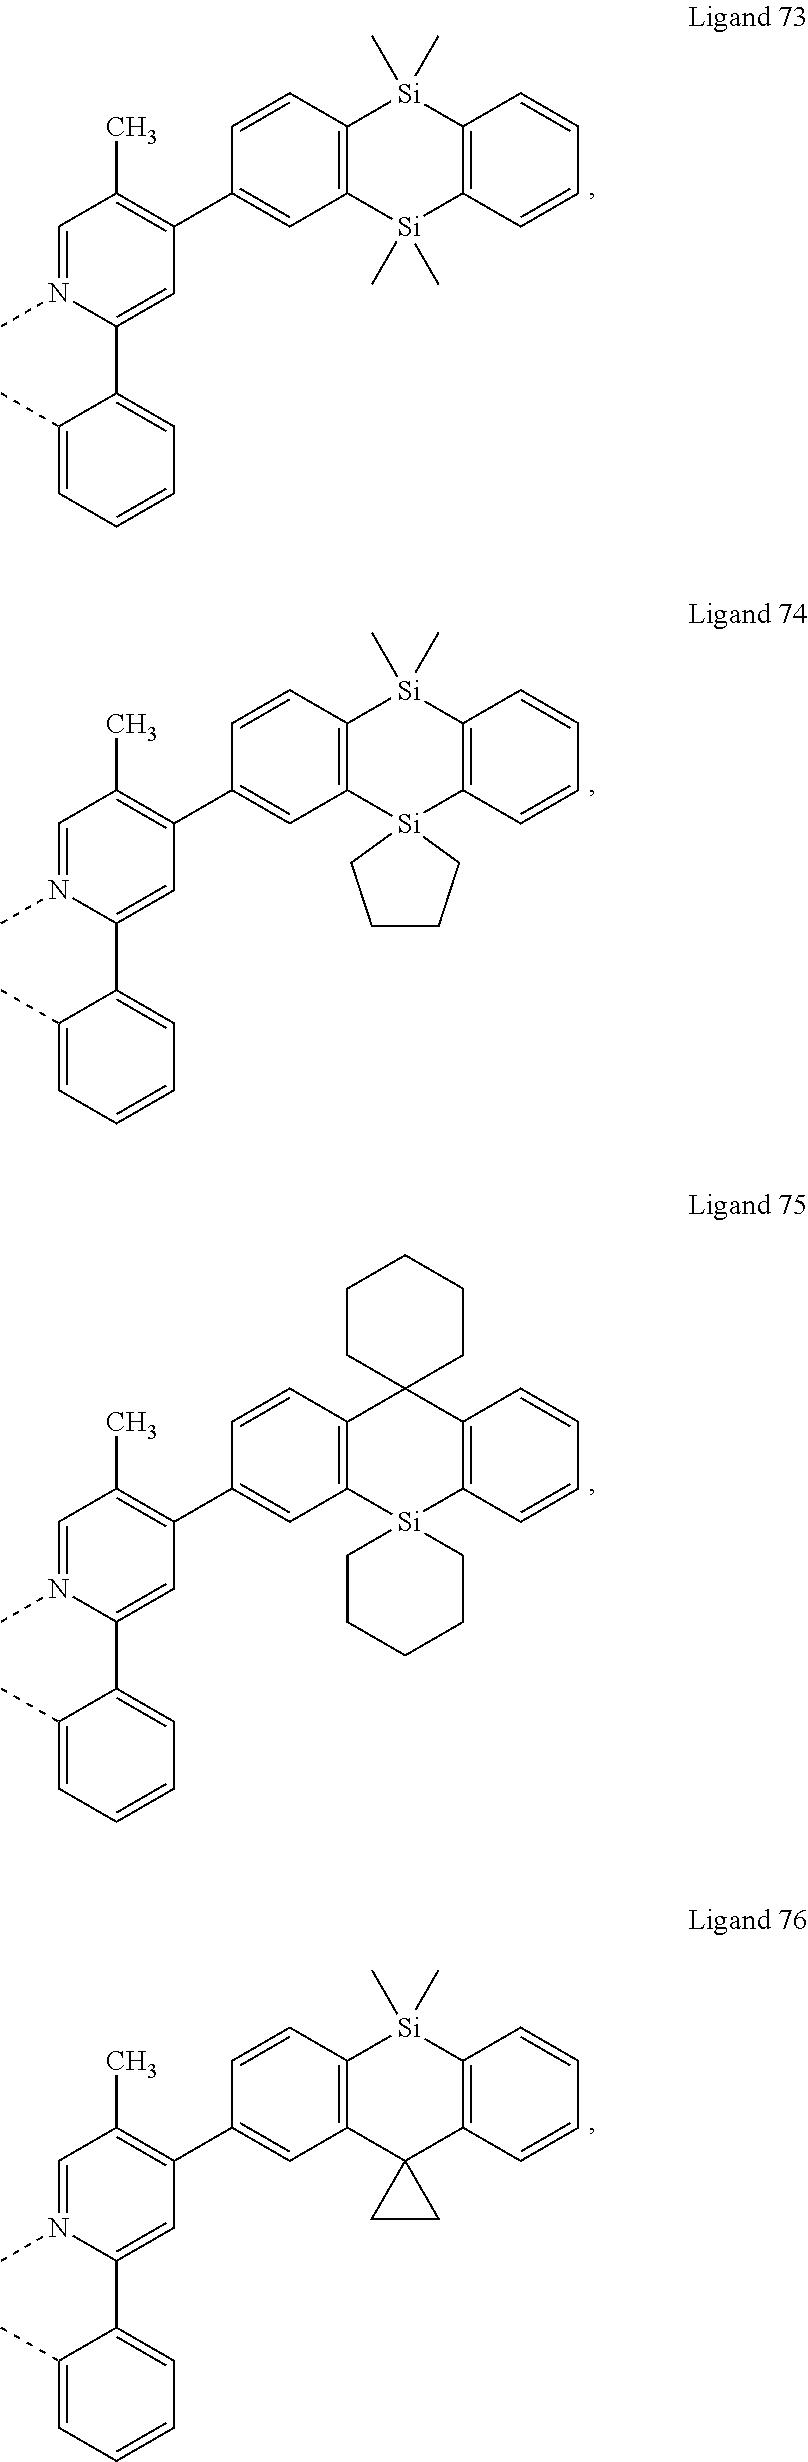 Figure US20180130962A1-20180510-C00048